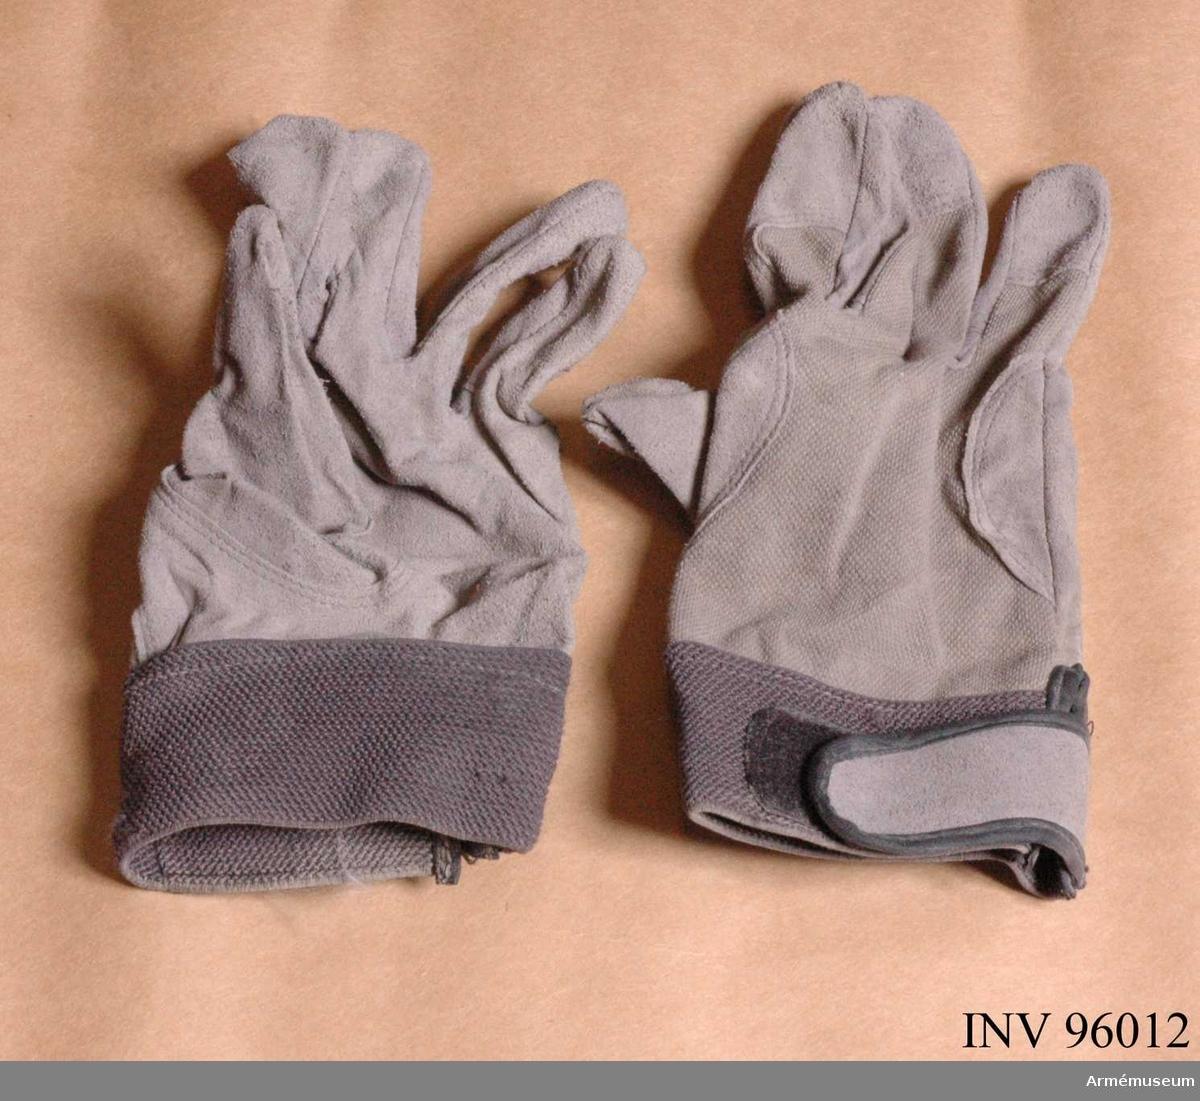 Tunna hanskar i trikå och syntetskinn. Storlek 8. Tillverkade 2008 i Kina. Ligger i väska numer två från höger i kroppsskyddet (AM.096007).